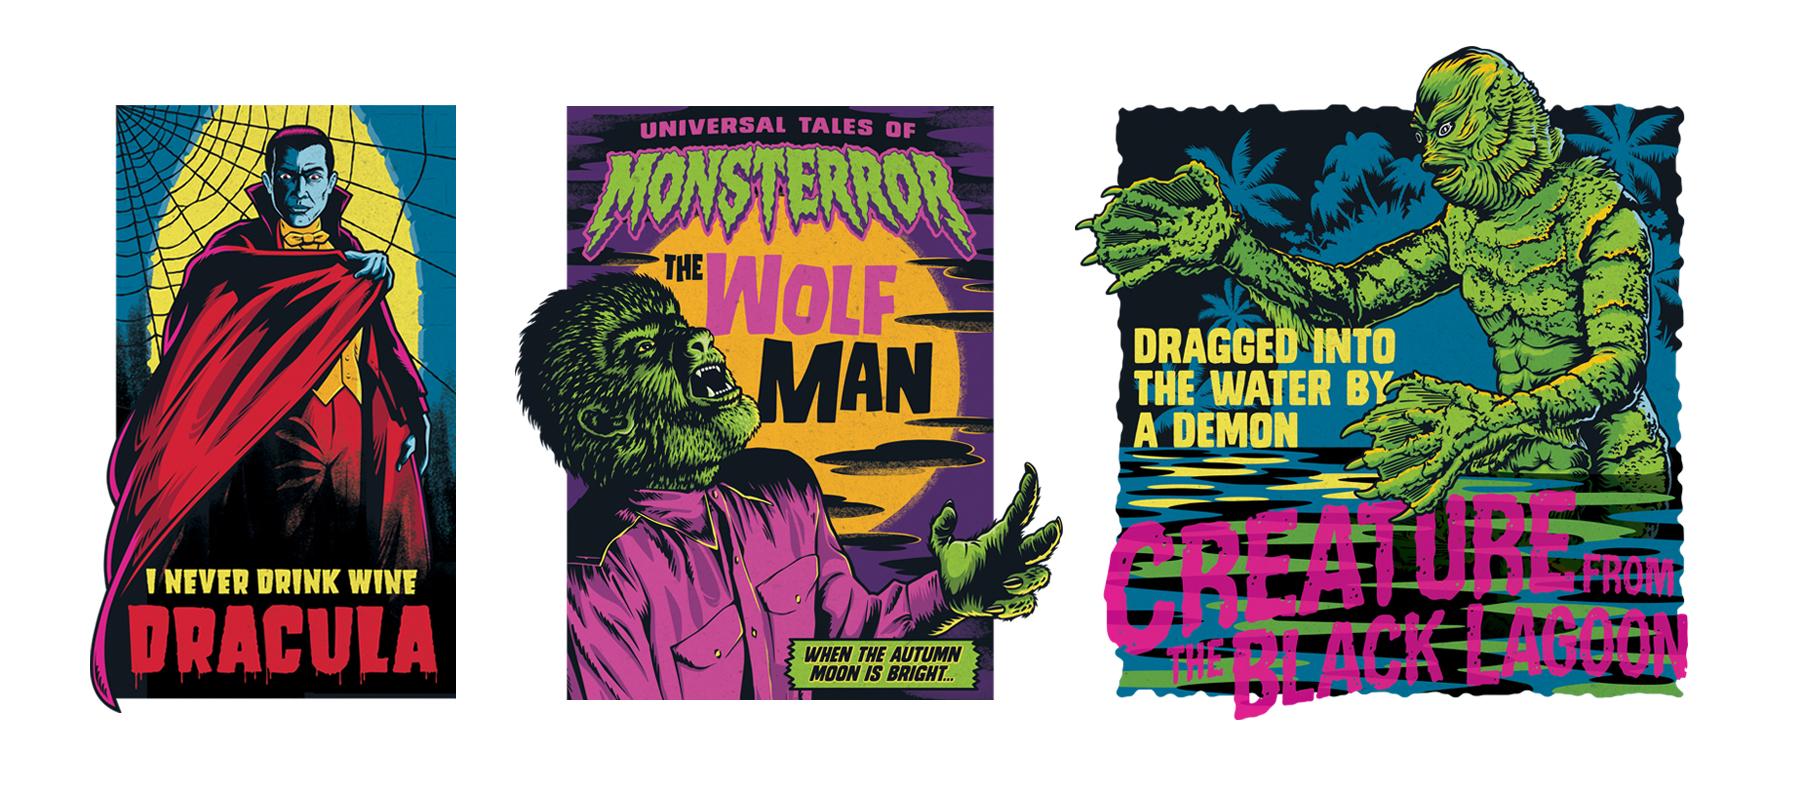 Monsterror Style Guide Design - Panel 7